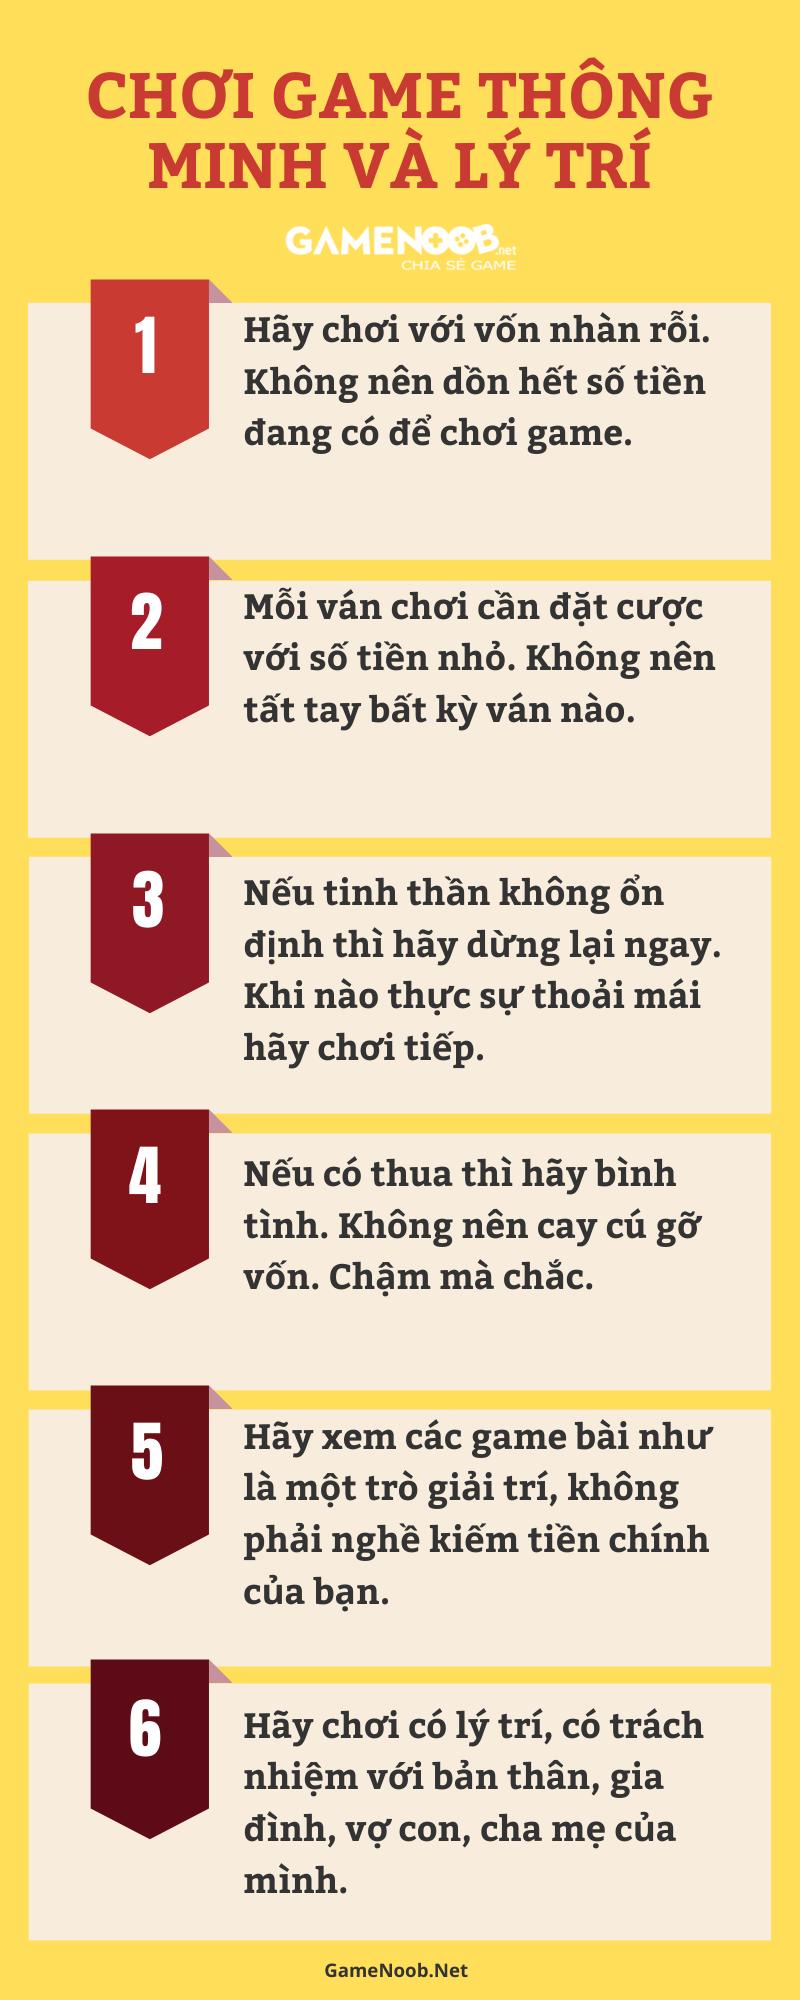 GameNoob Infographic - Hãy Chơi Game Có Trách Nhiệm